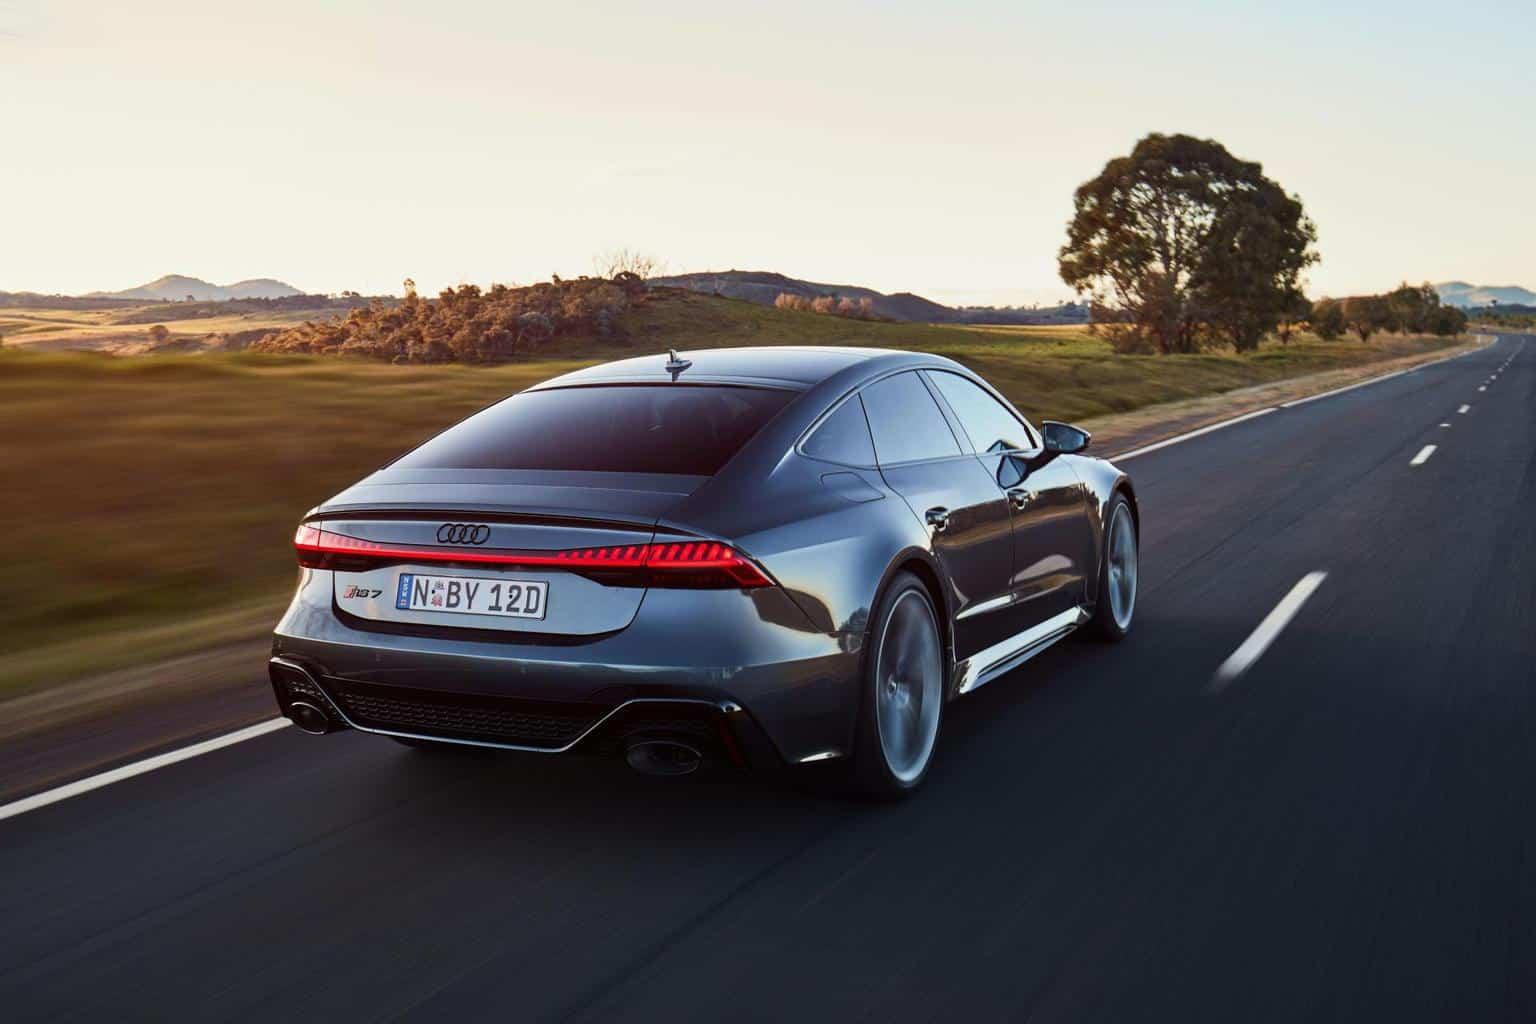 Audi-Luxusstromer aus Artemis-Projekt soll mindestens 650 Kilometer Reichweite bekommen